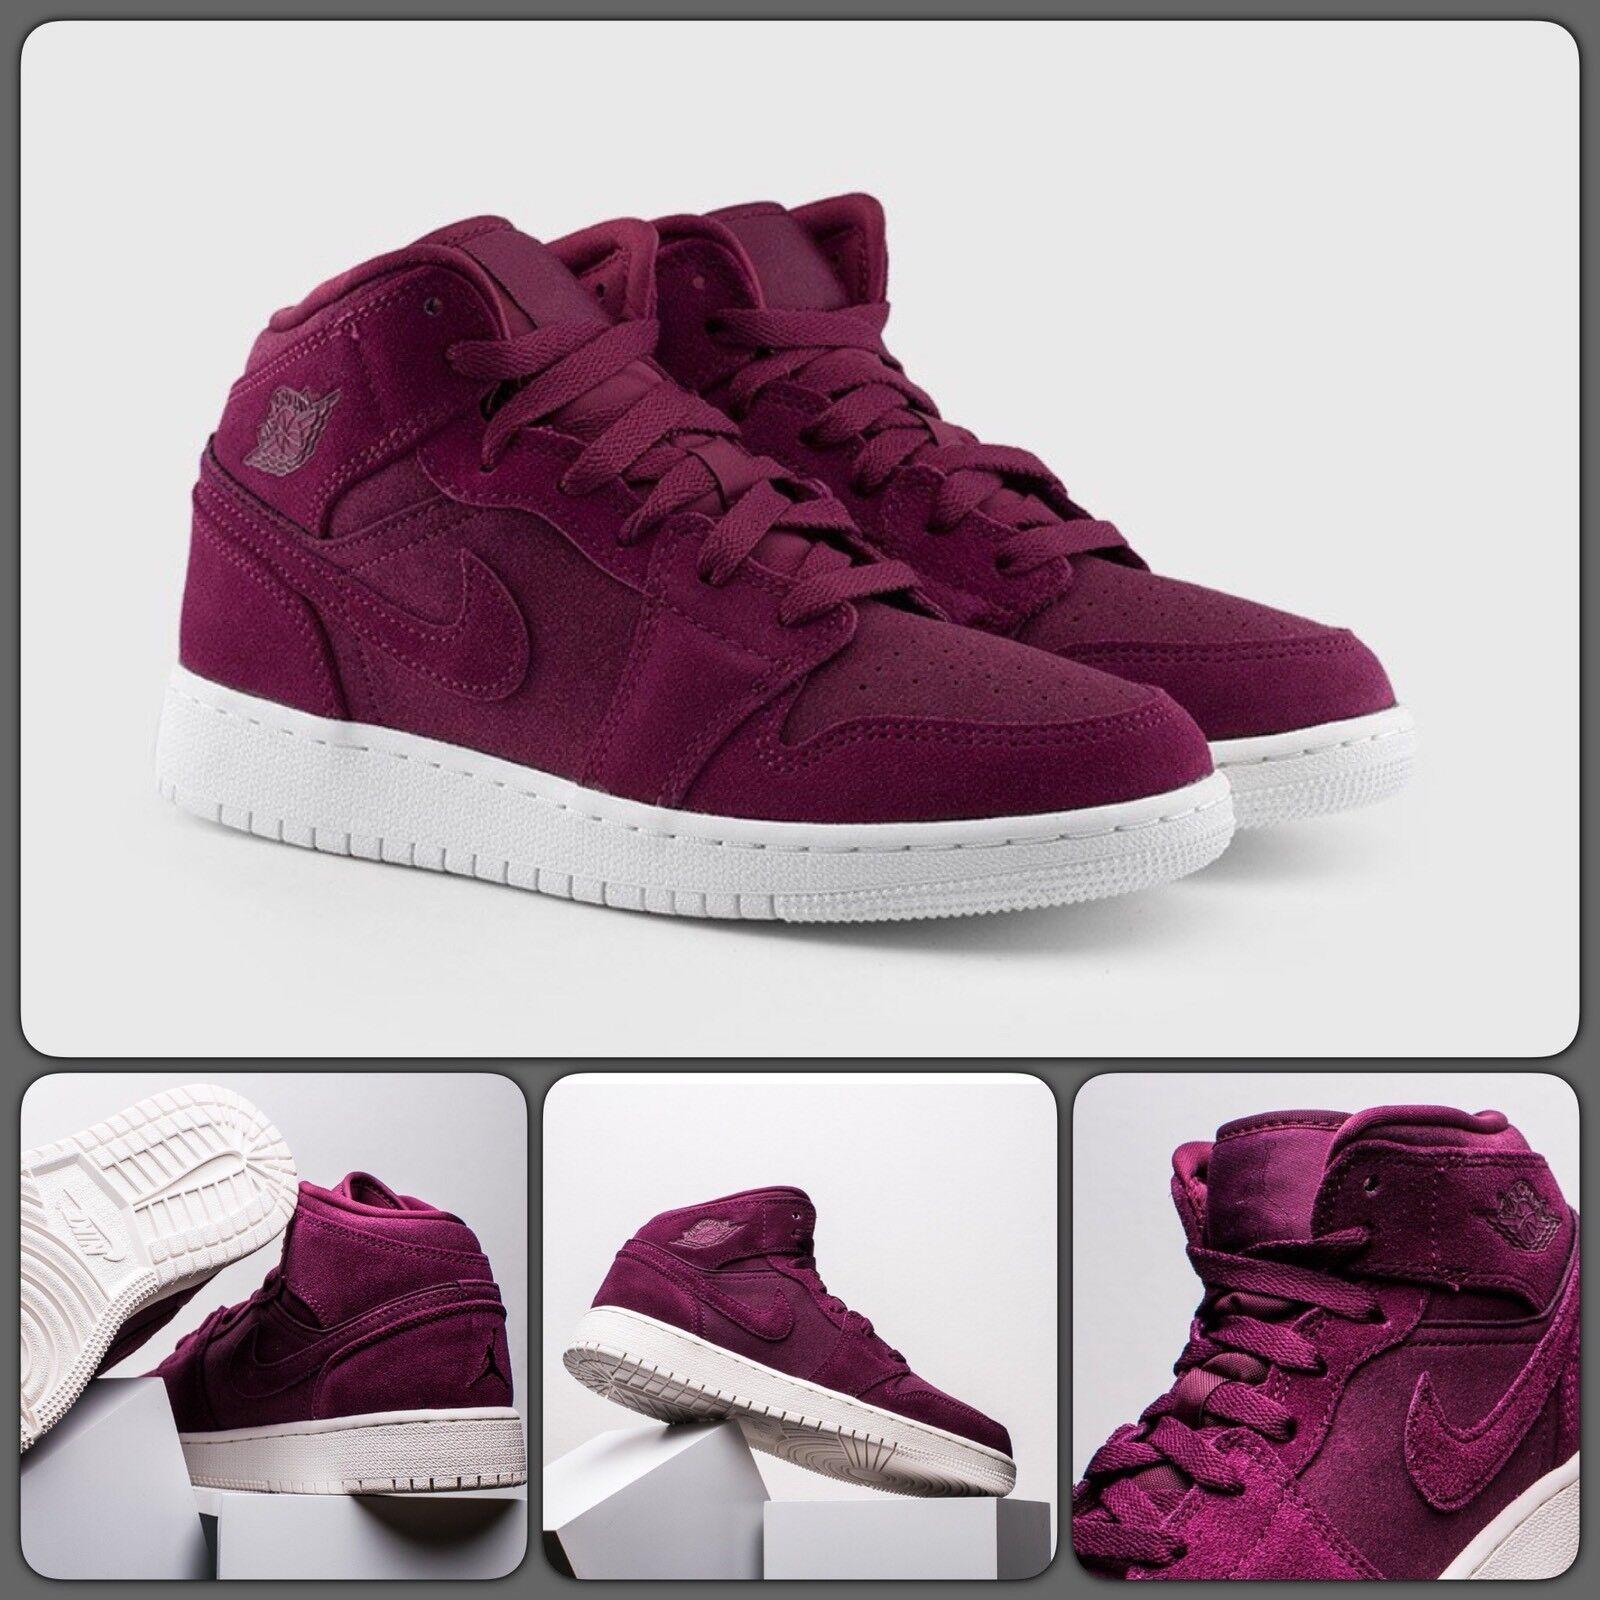 Nike Air Jordan 1 Mid 5.5, Retro, Talla Reino Unido 5.5, Mid 32018 de la UE, EE. UU. 6Y 554725625 6f78ab